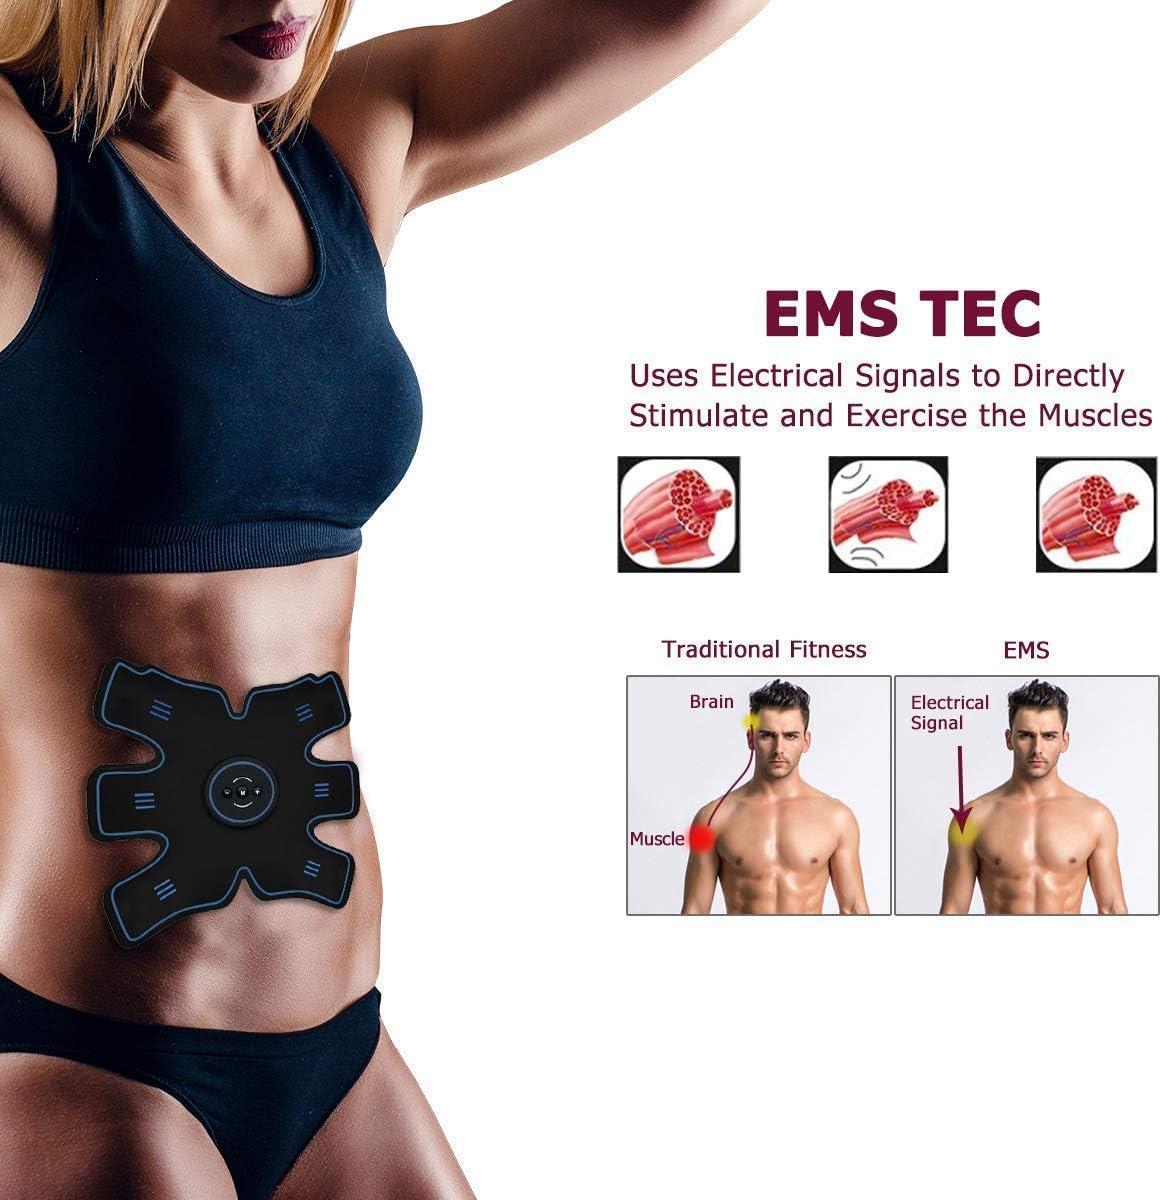 F2-Elettrostimolatore Muscolare EMS,Cinghia tonificante Addominale con,Addominali Attrezzi ABS Trainer,ABS Stimulator Machine Trainer Addome per//Braccio//Gambe//Waist Fitness per Uomo e Donna